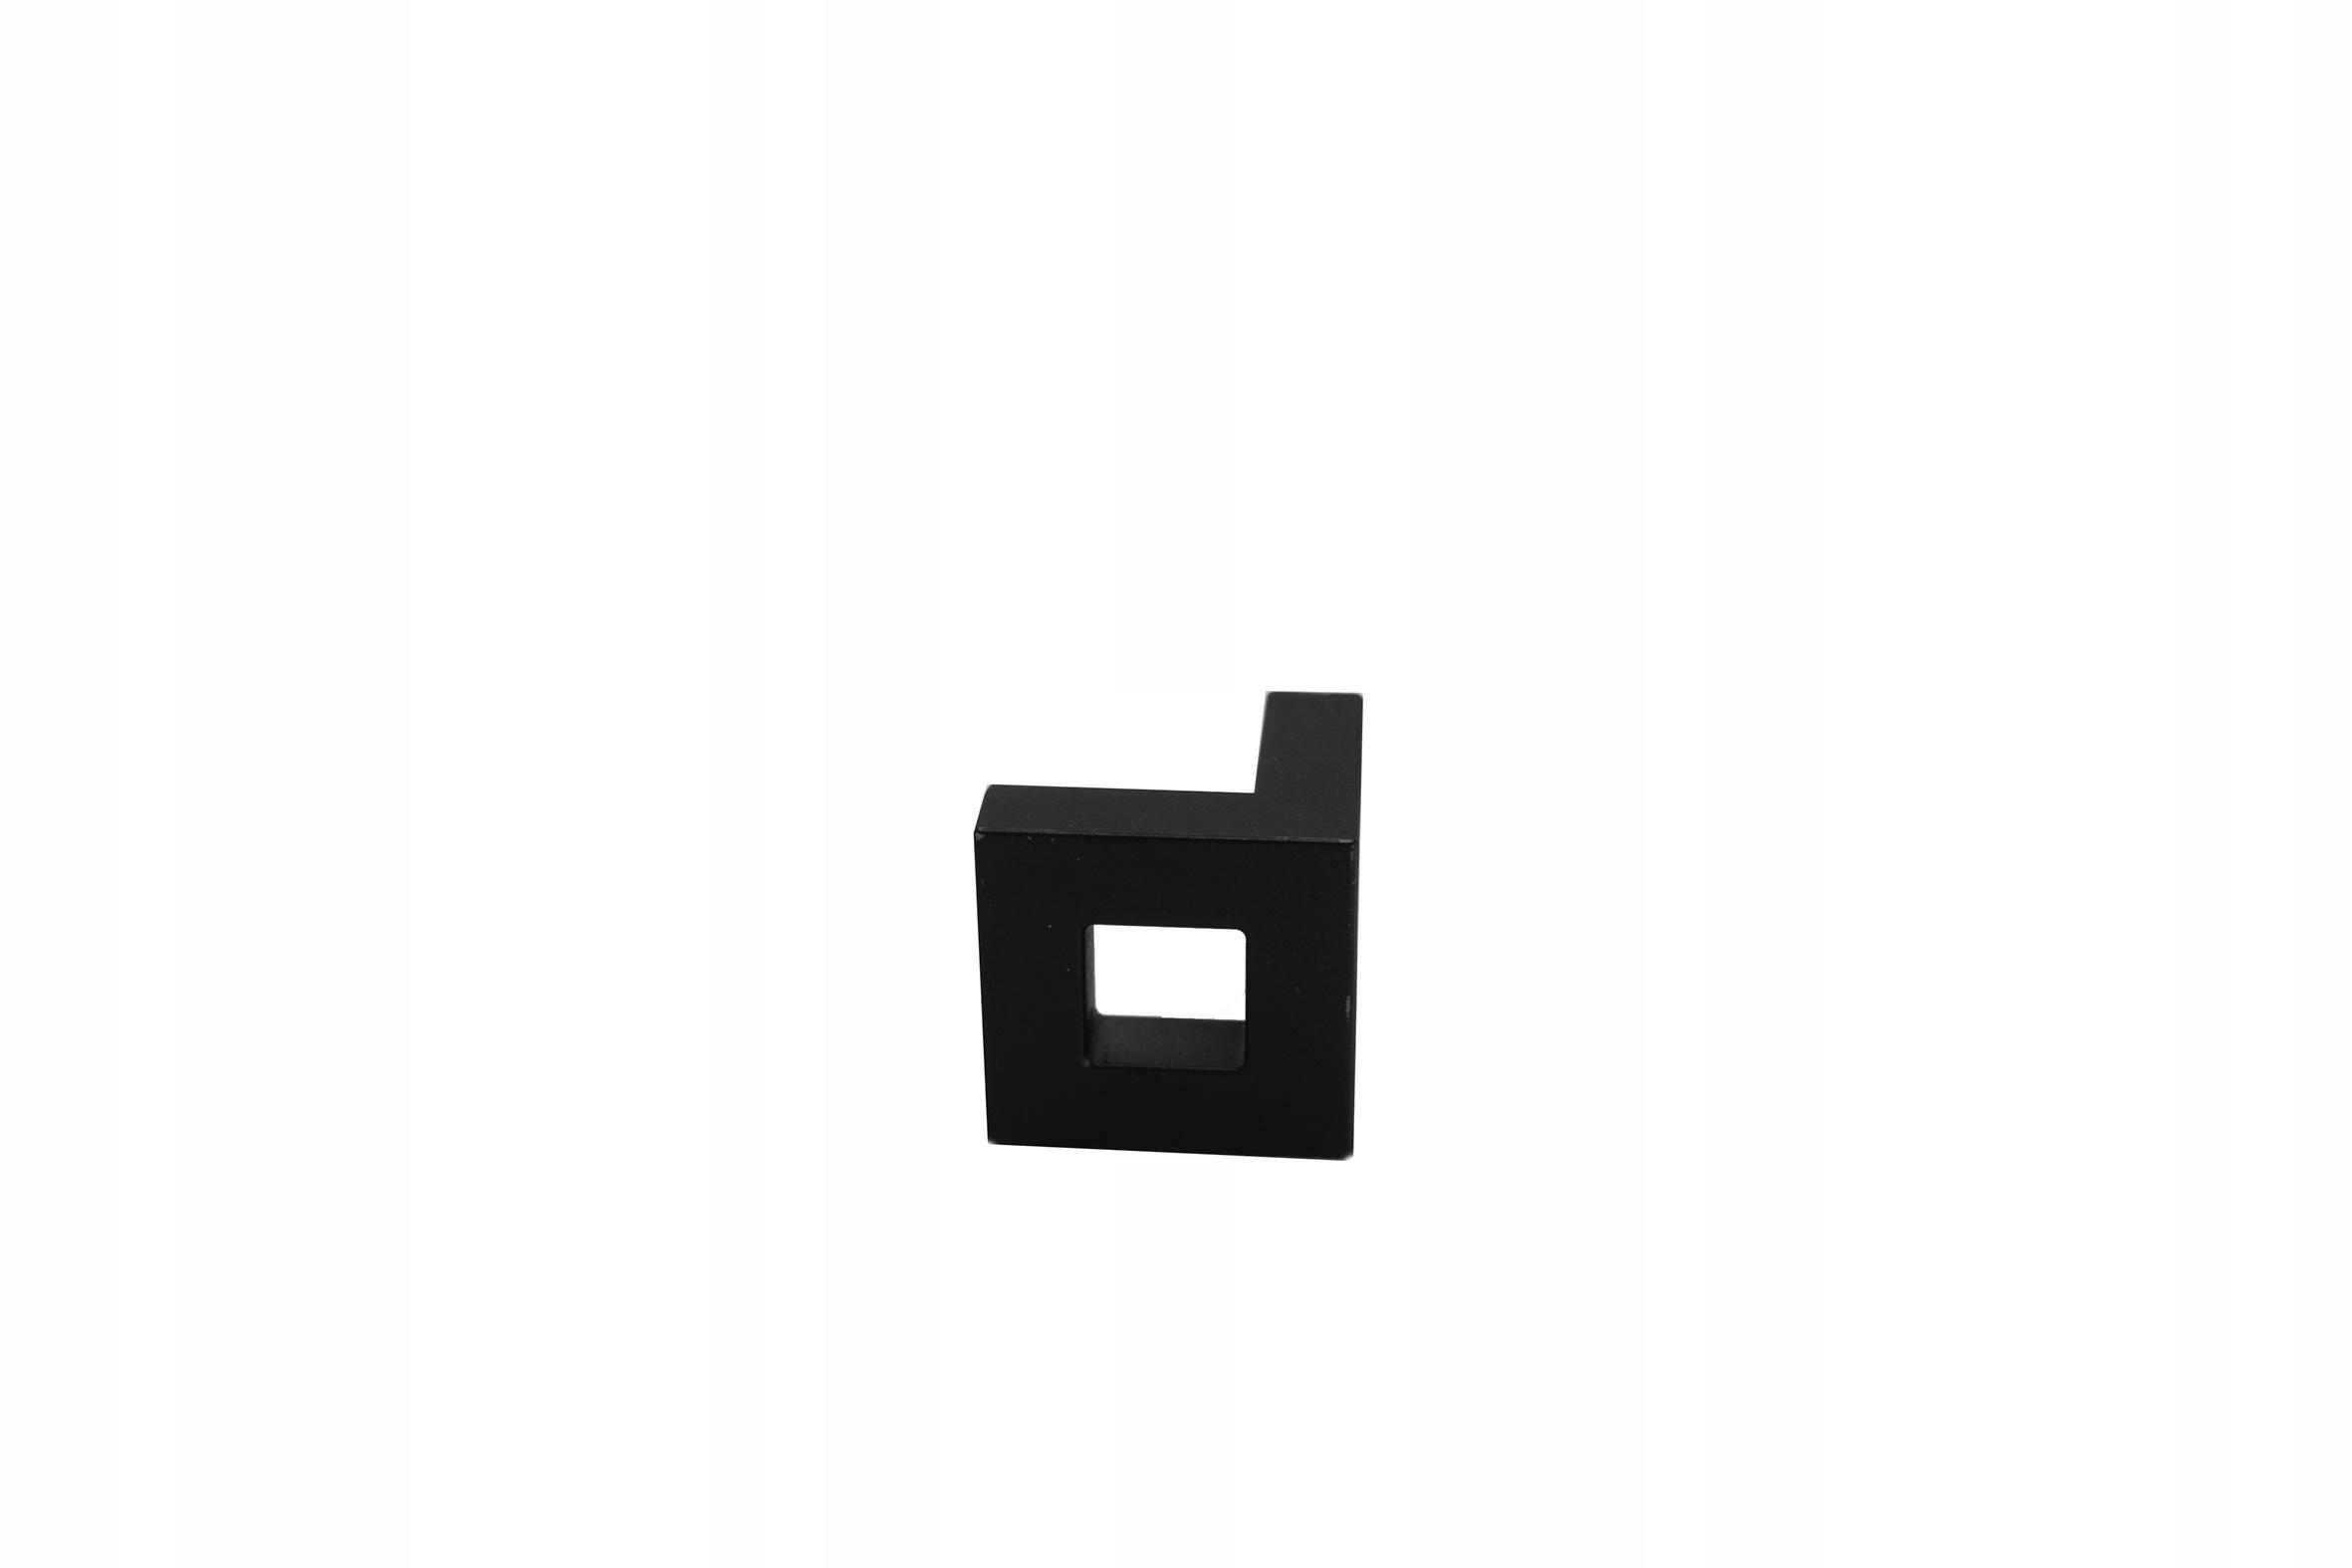 Uchwyt meblowy gałka kwadratowa KWJ L25 czarny mat